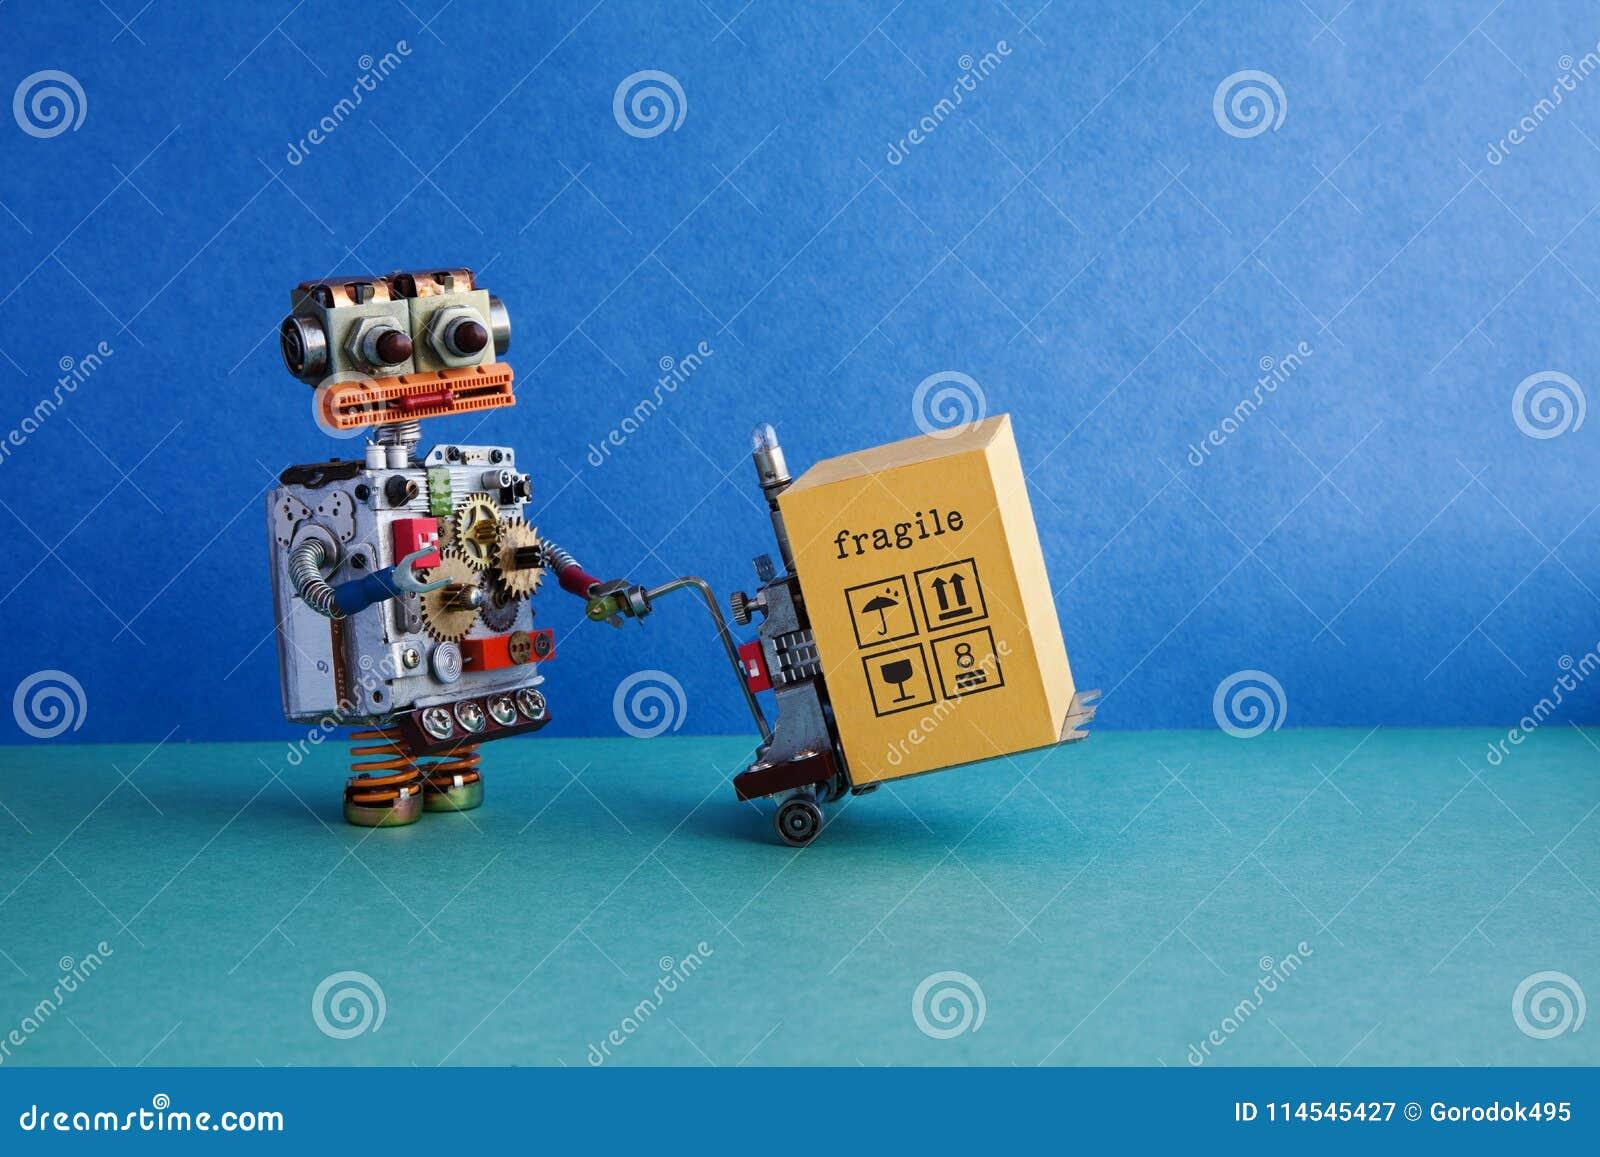 机器人后勤送货业务的自动化 友好的机器人玩具,供给动力的板台起重器,铲车被装载的推车机制